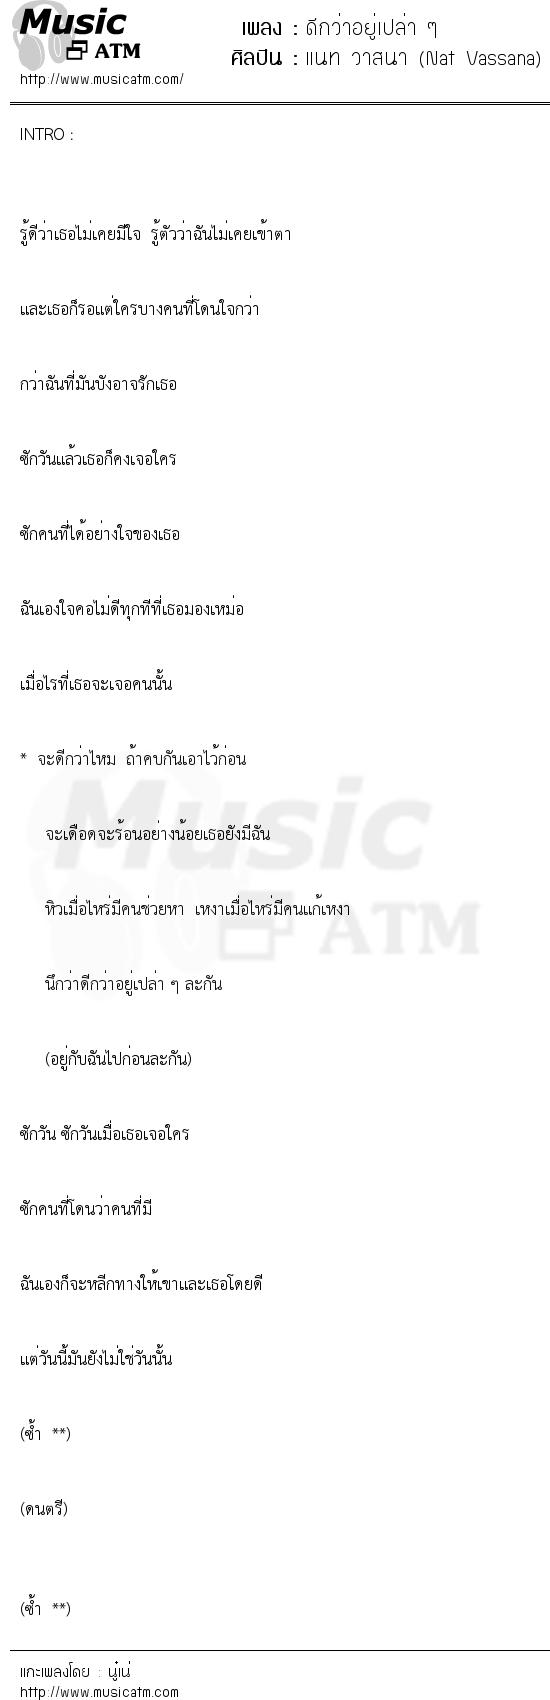 ดีกว่าอยู่เปล่า ๆ | เพลงไทย